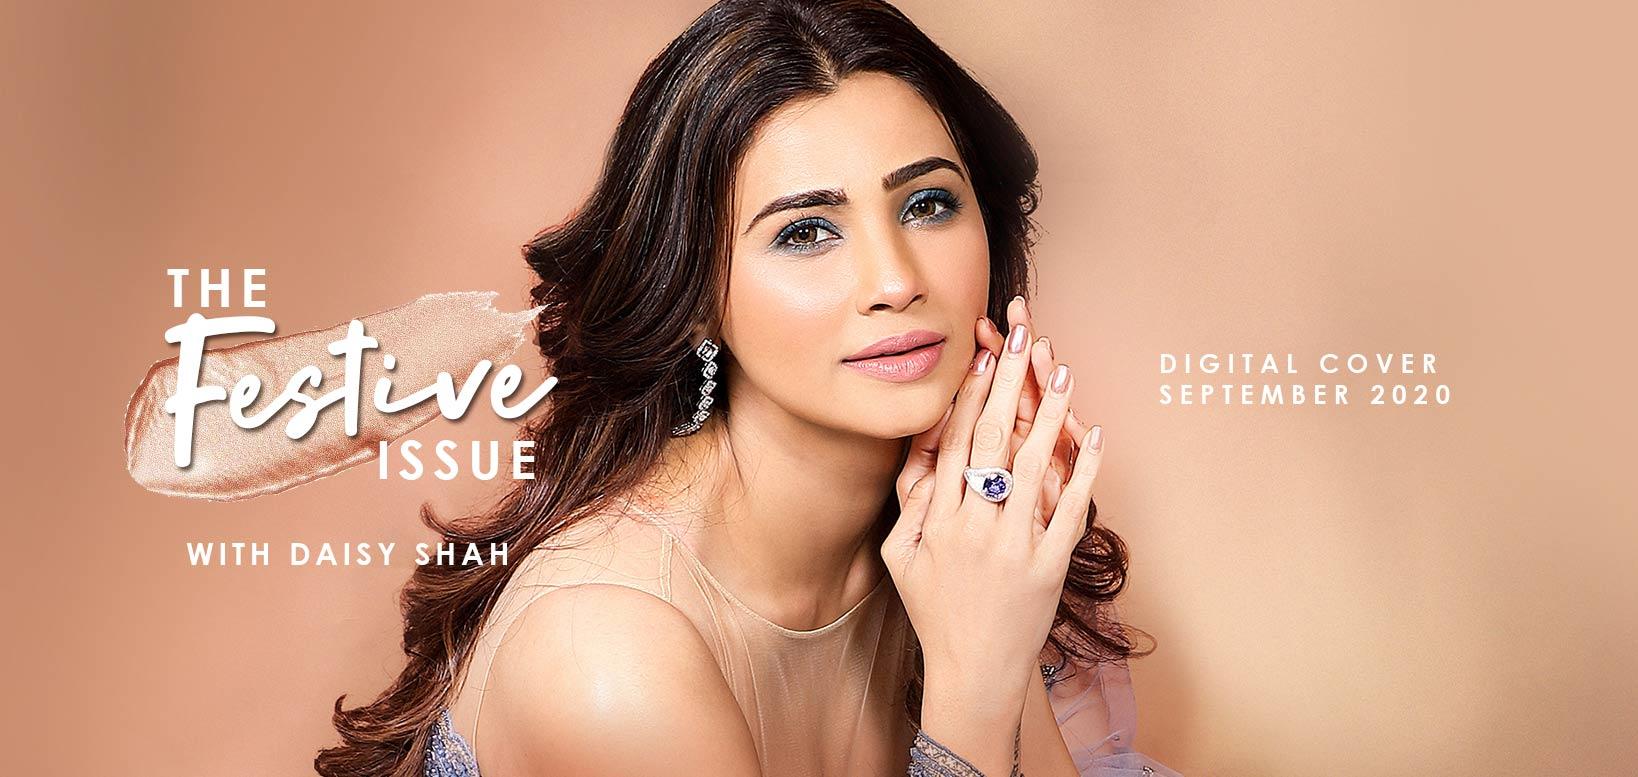 Daisy Shah's beauty secrets for glowing skin